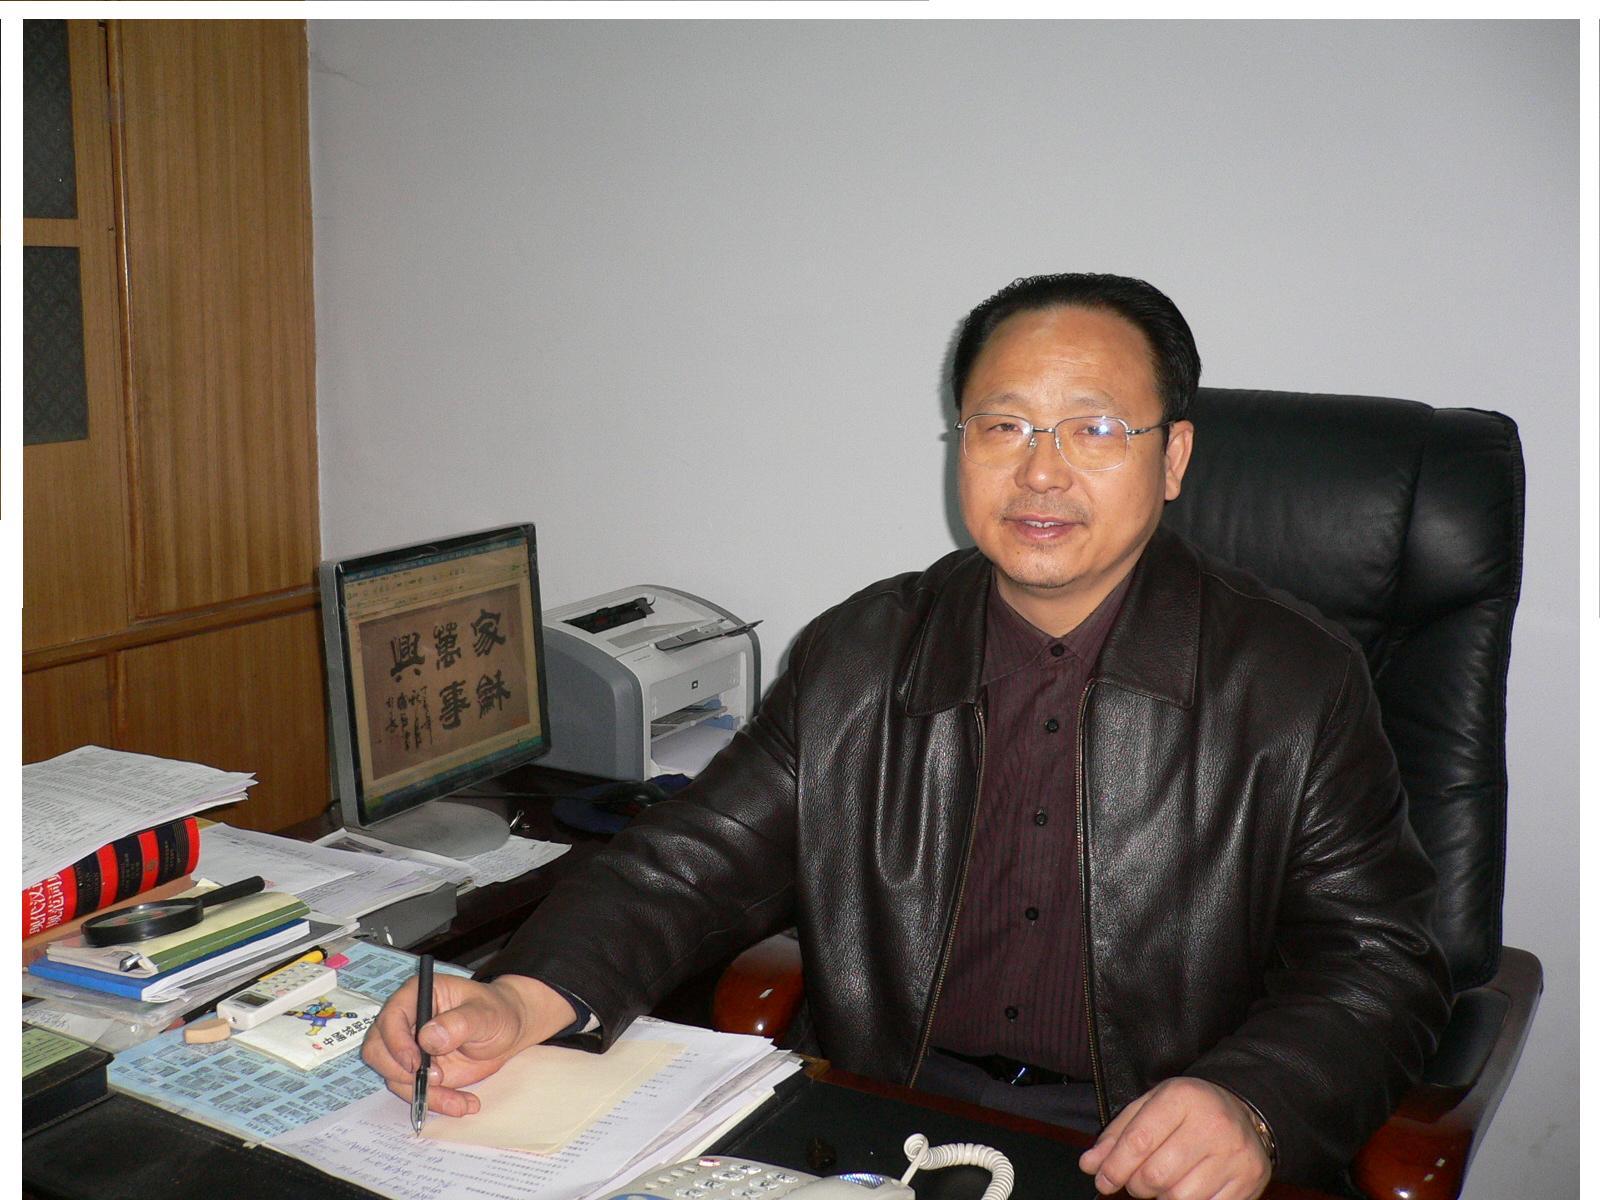 笔 淘宝 名人字画 中国书画服务中心 中国书画销售中心 中国书画拍卖